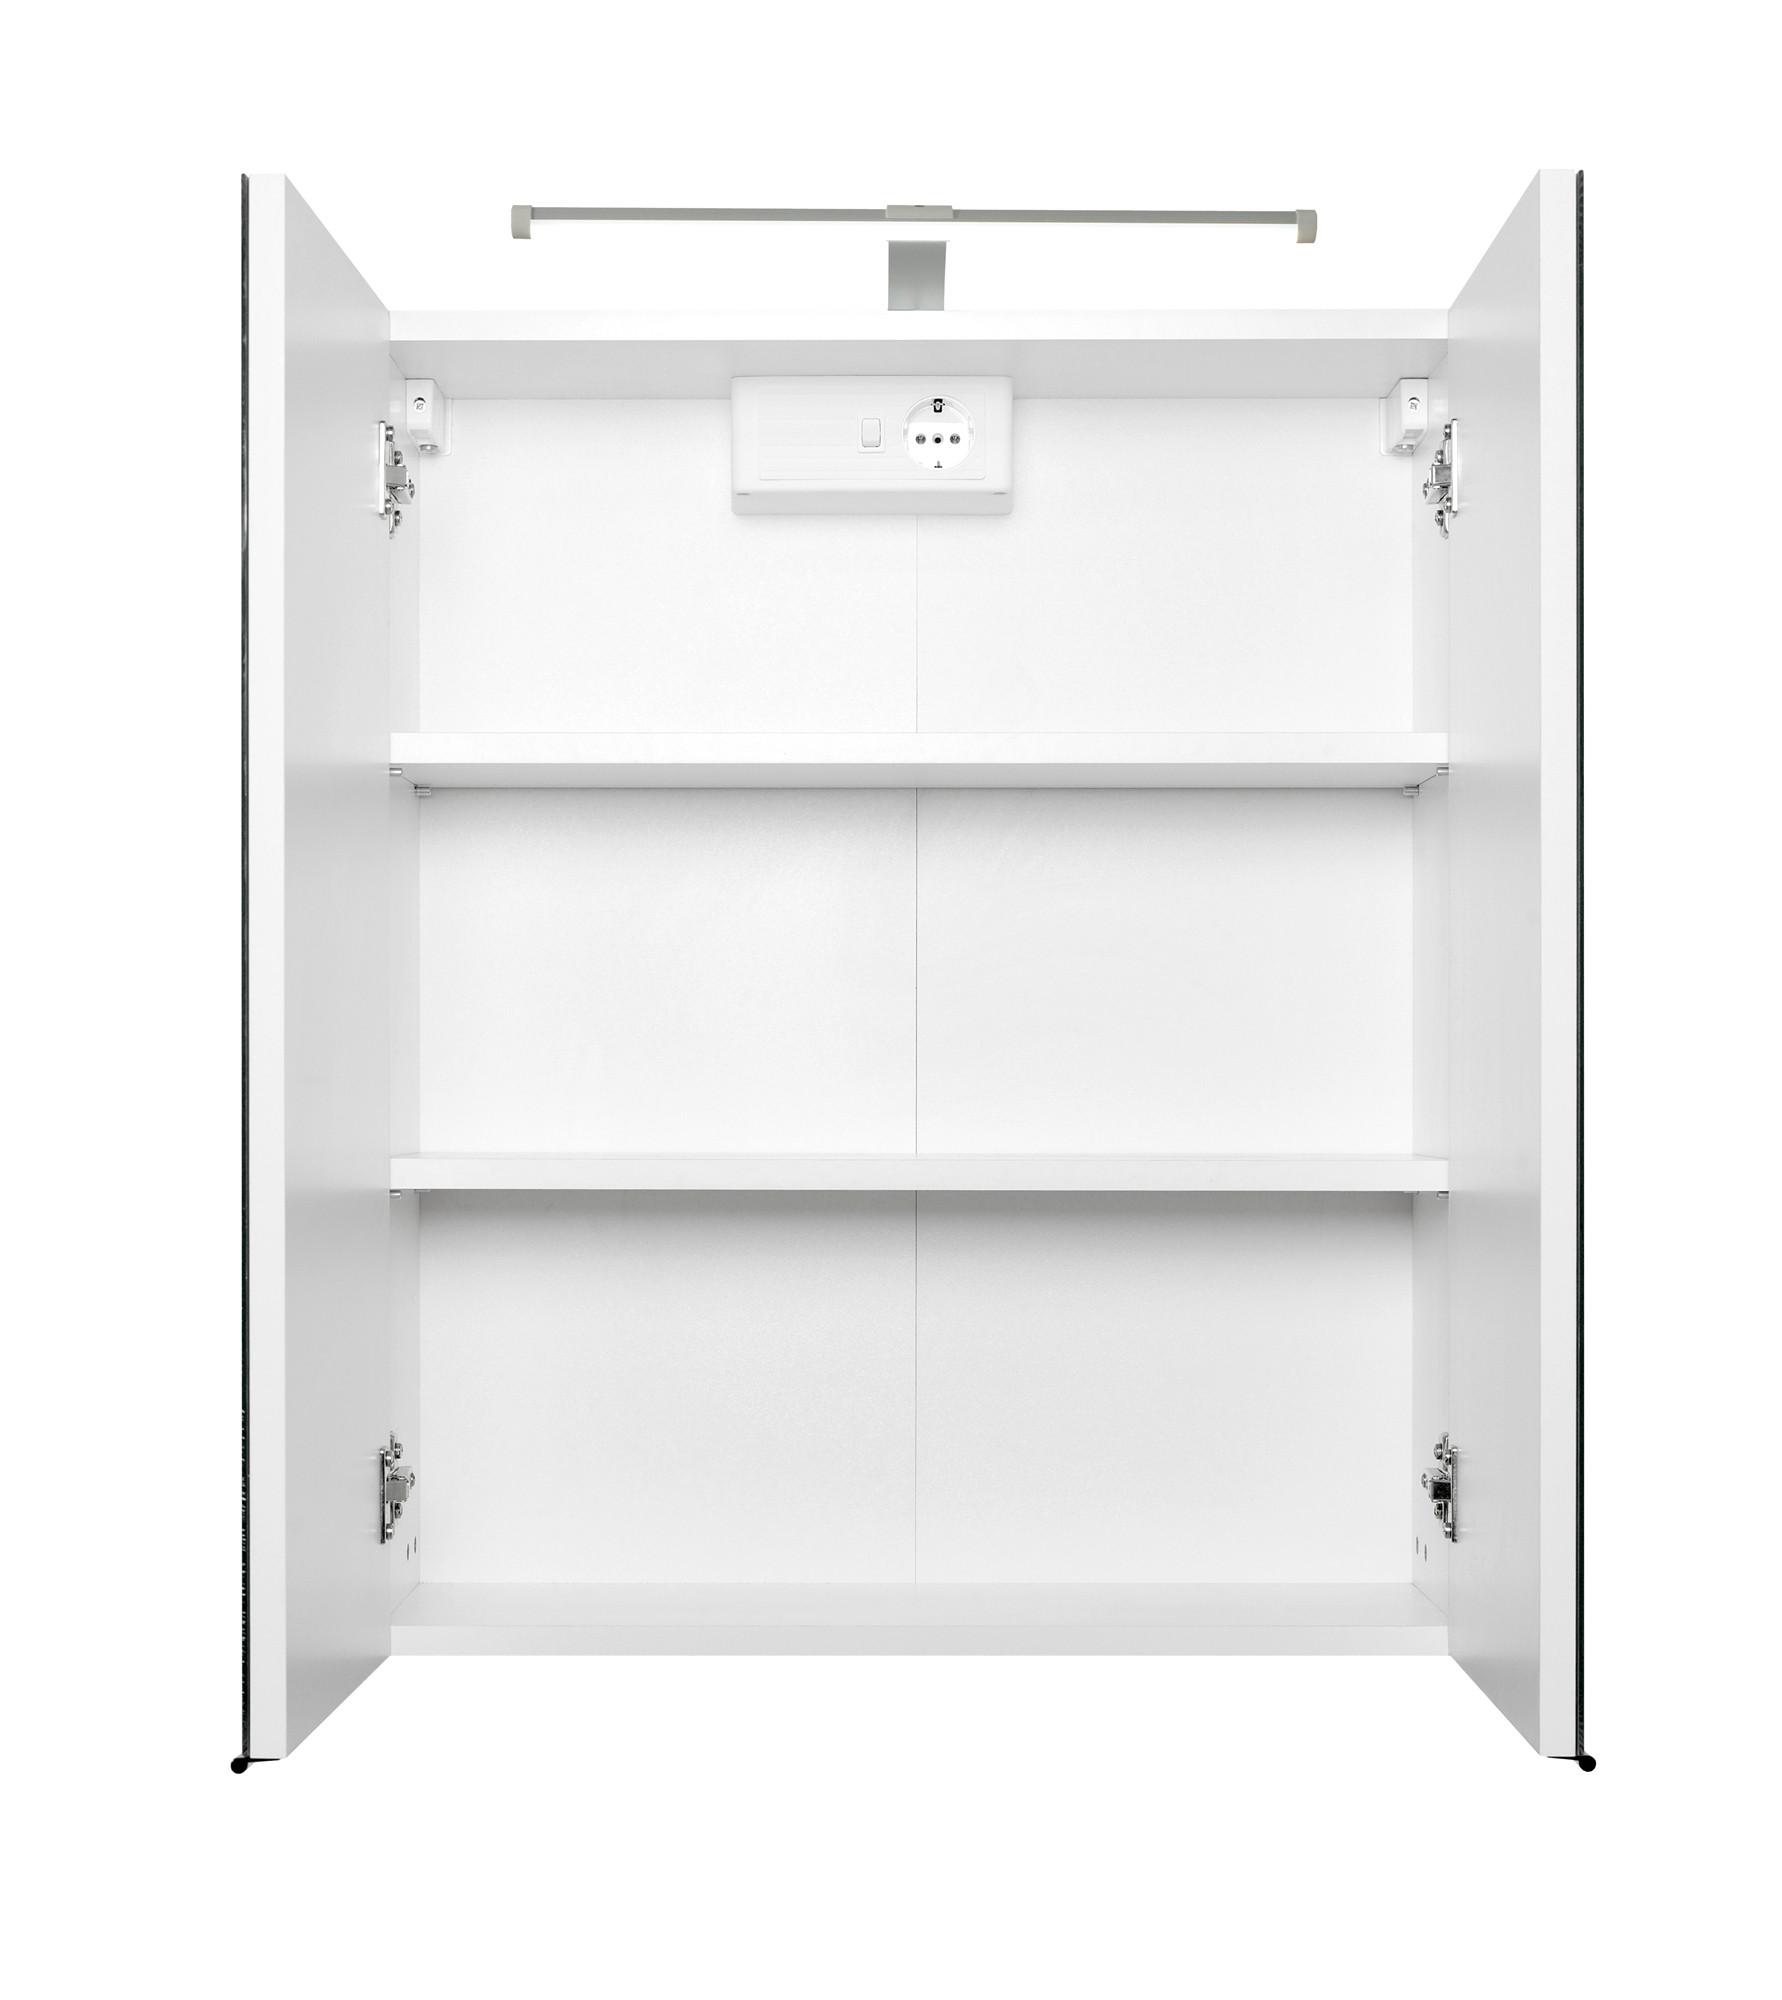 Spiegelschrank 60 Cm  Bad Spiegelschrank 2 türig 60 cm breit Weiß Bad